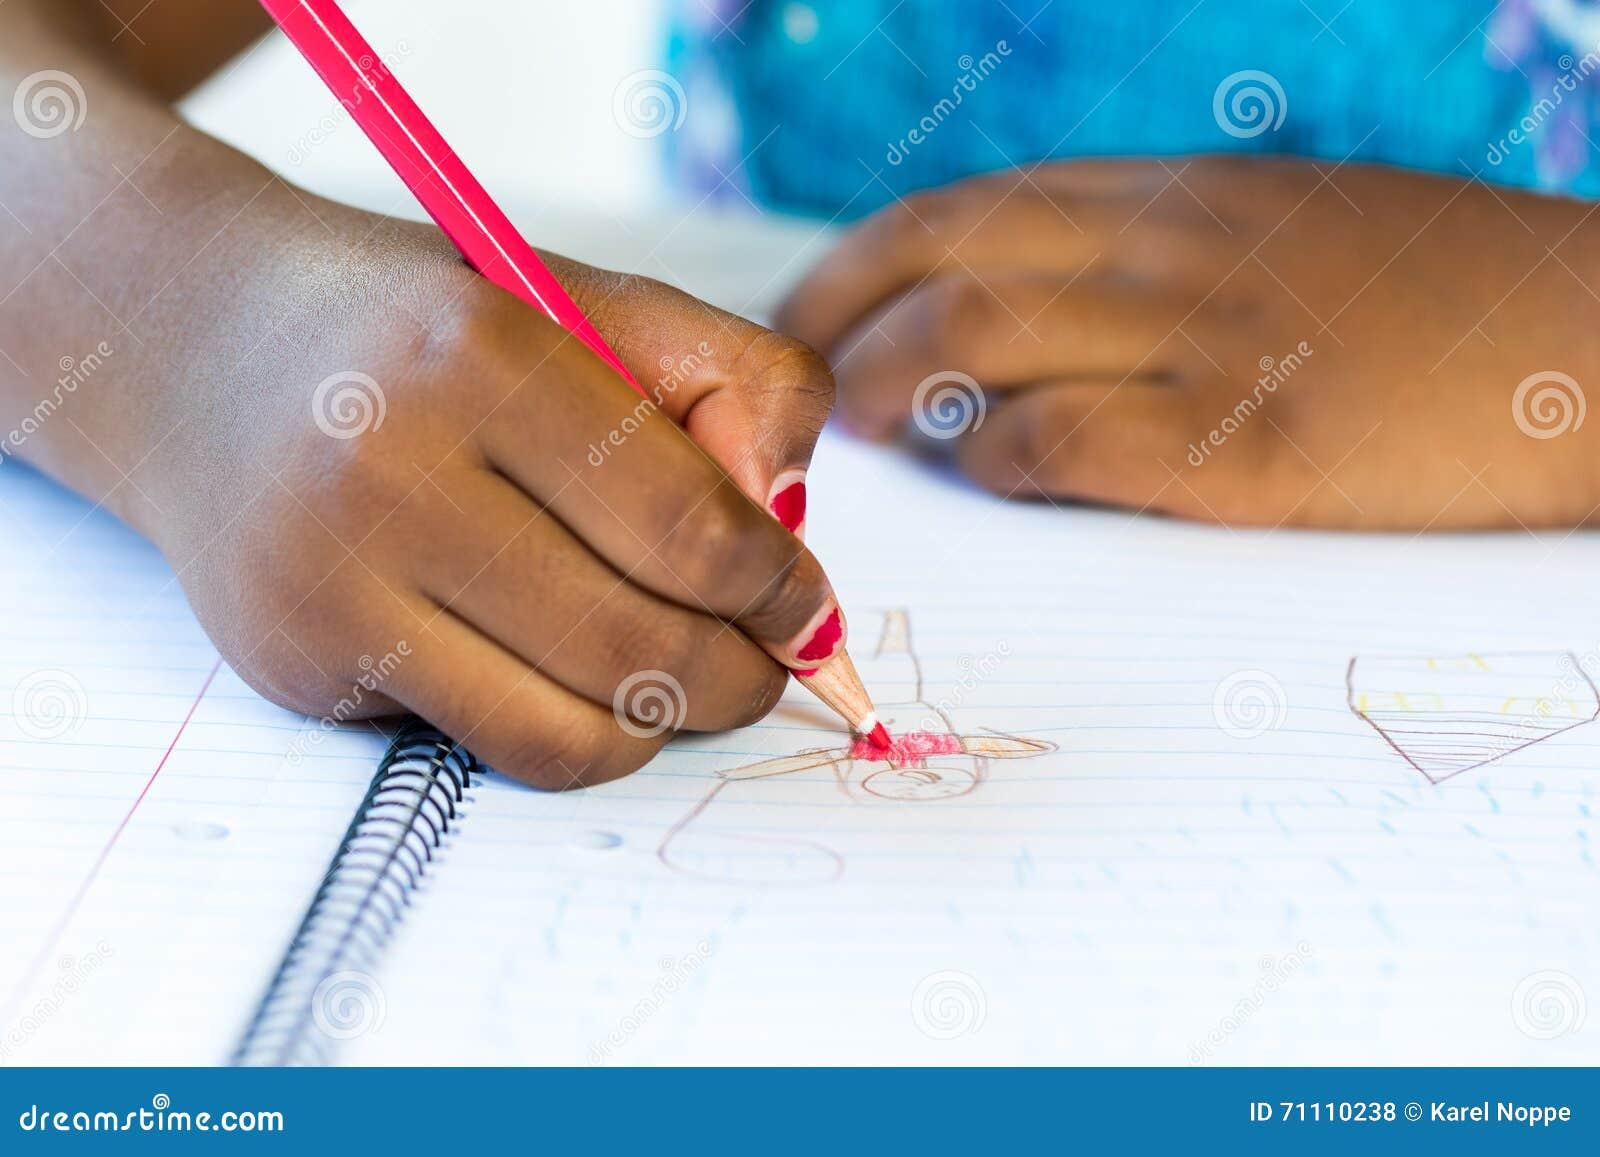 Dessin de la main de l 39 enfant africain sur le papier photo - Dessin main enfant ...